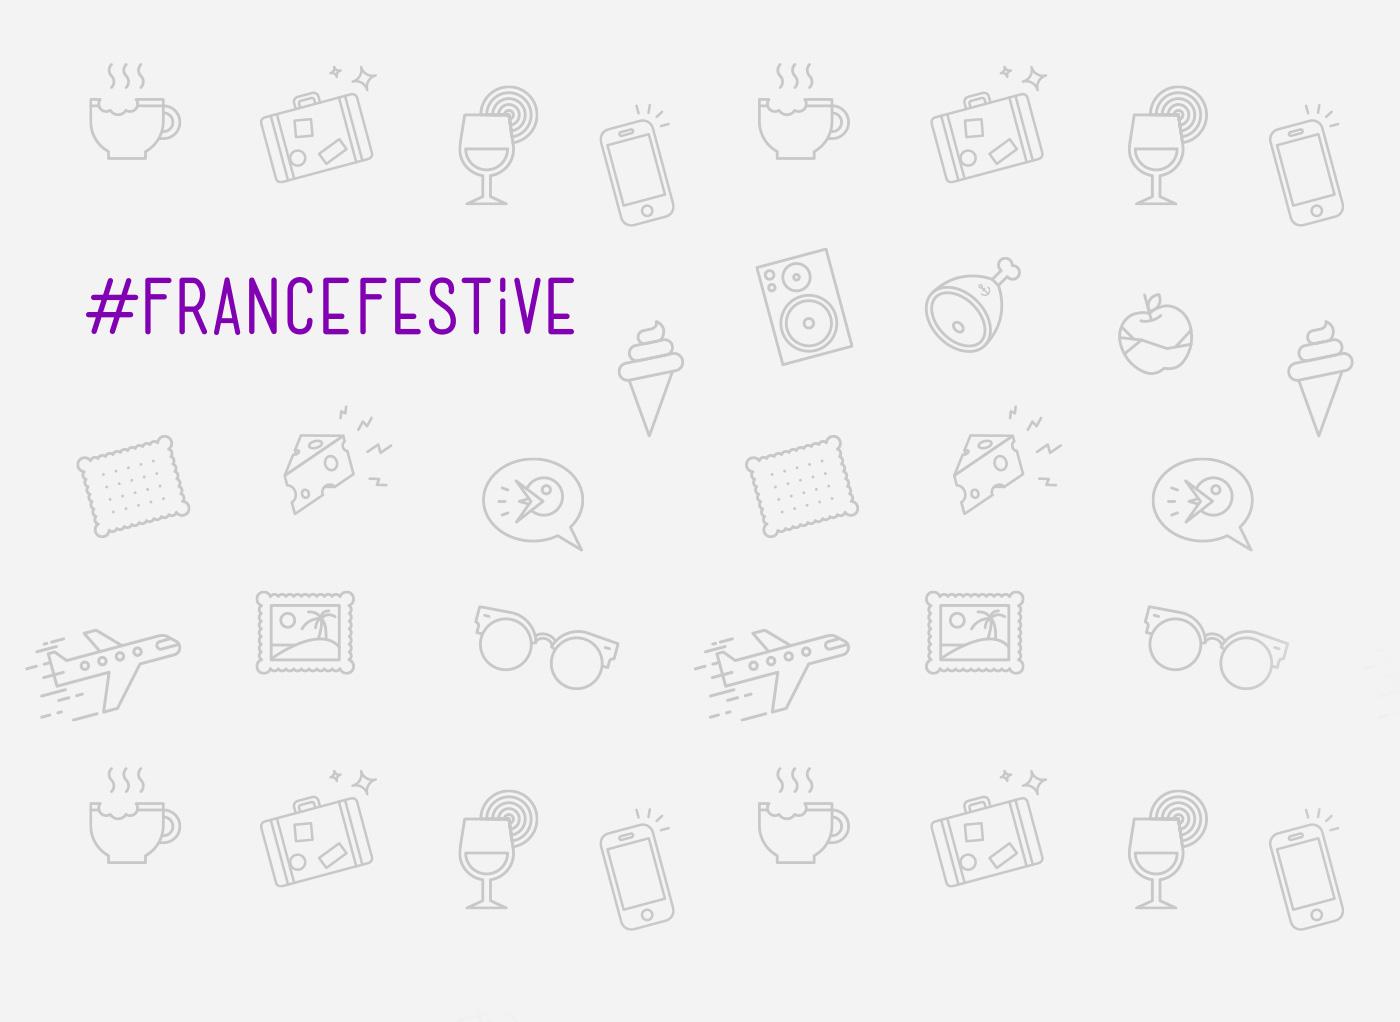 Fond d'écran pour France Festive